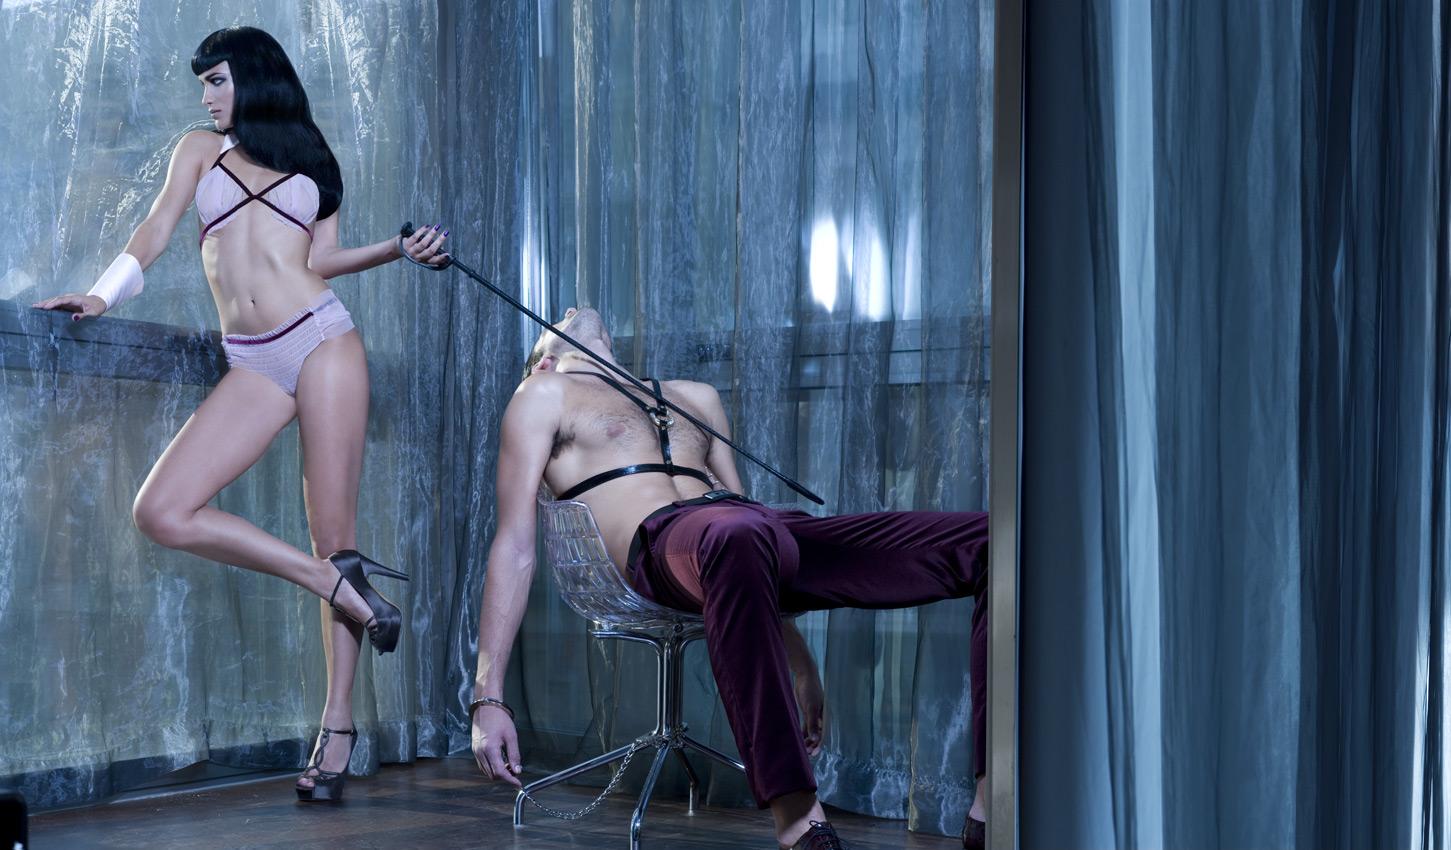 Хозяйка и раб в сексе 15 фотография